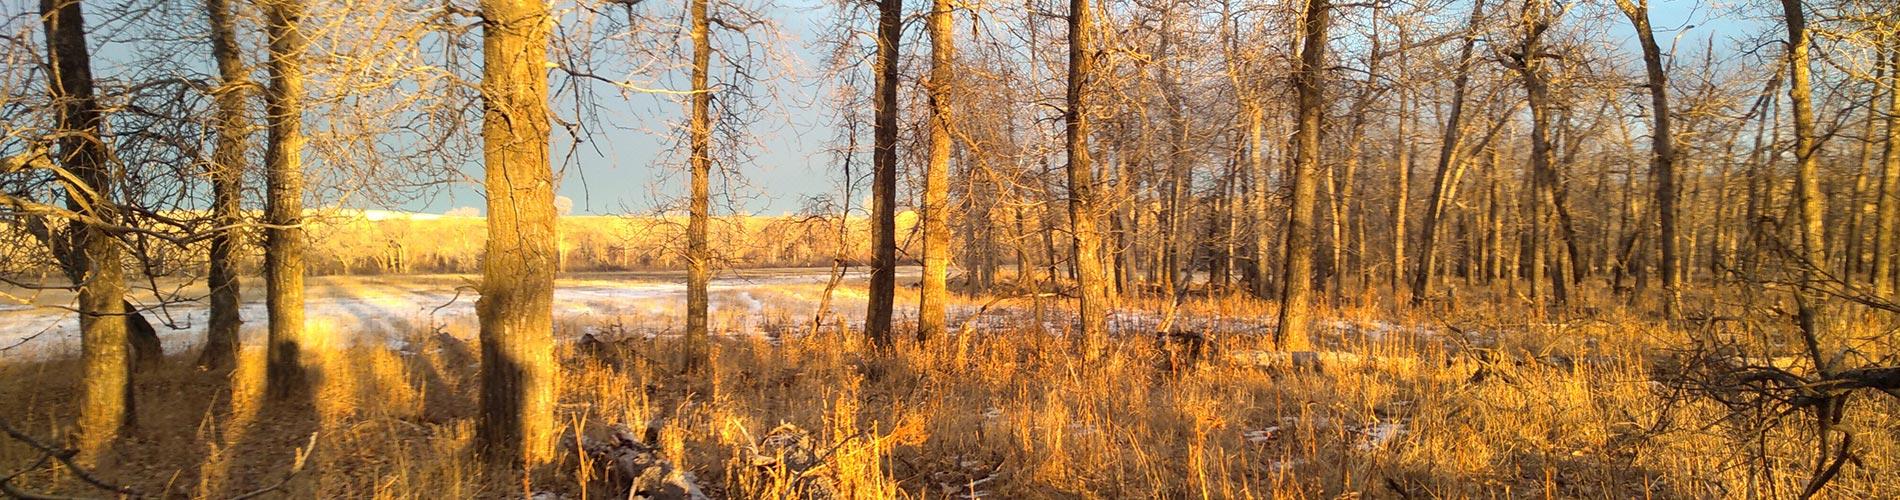 Alberta hunting territory for mule deer